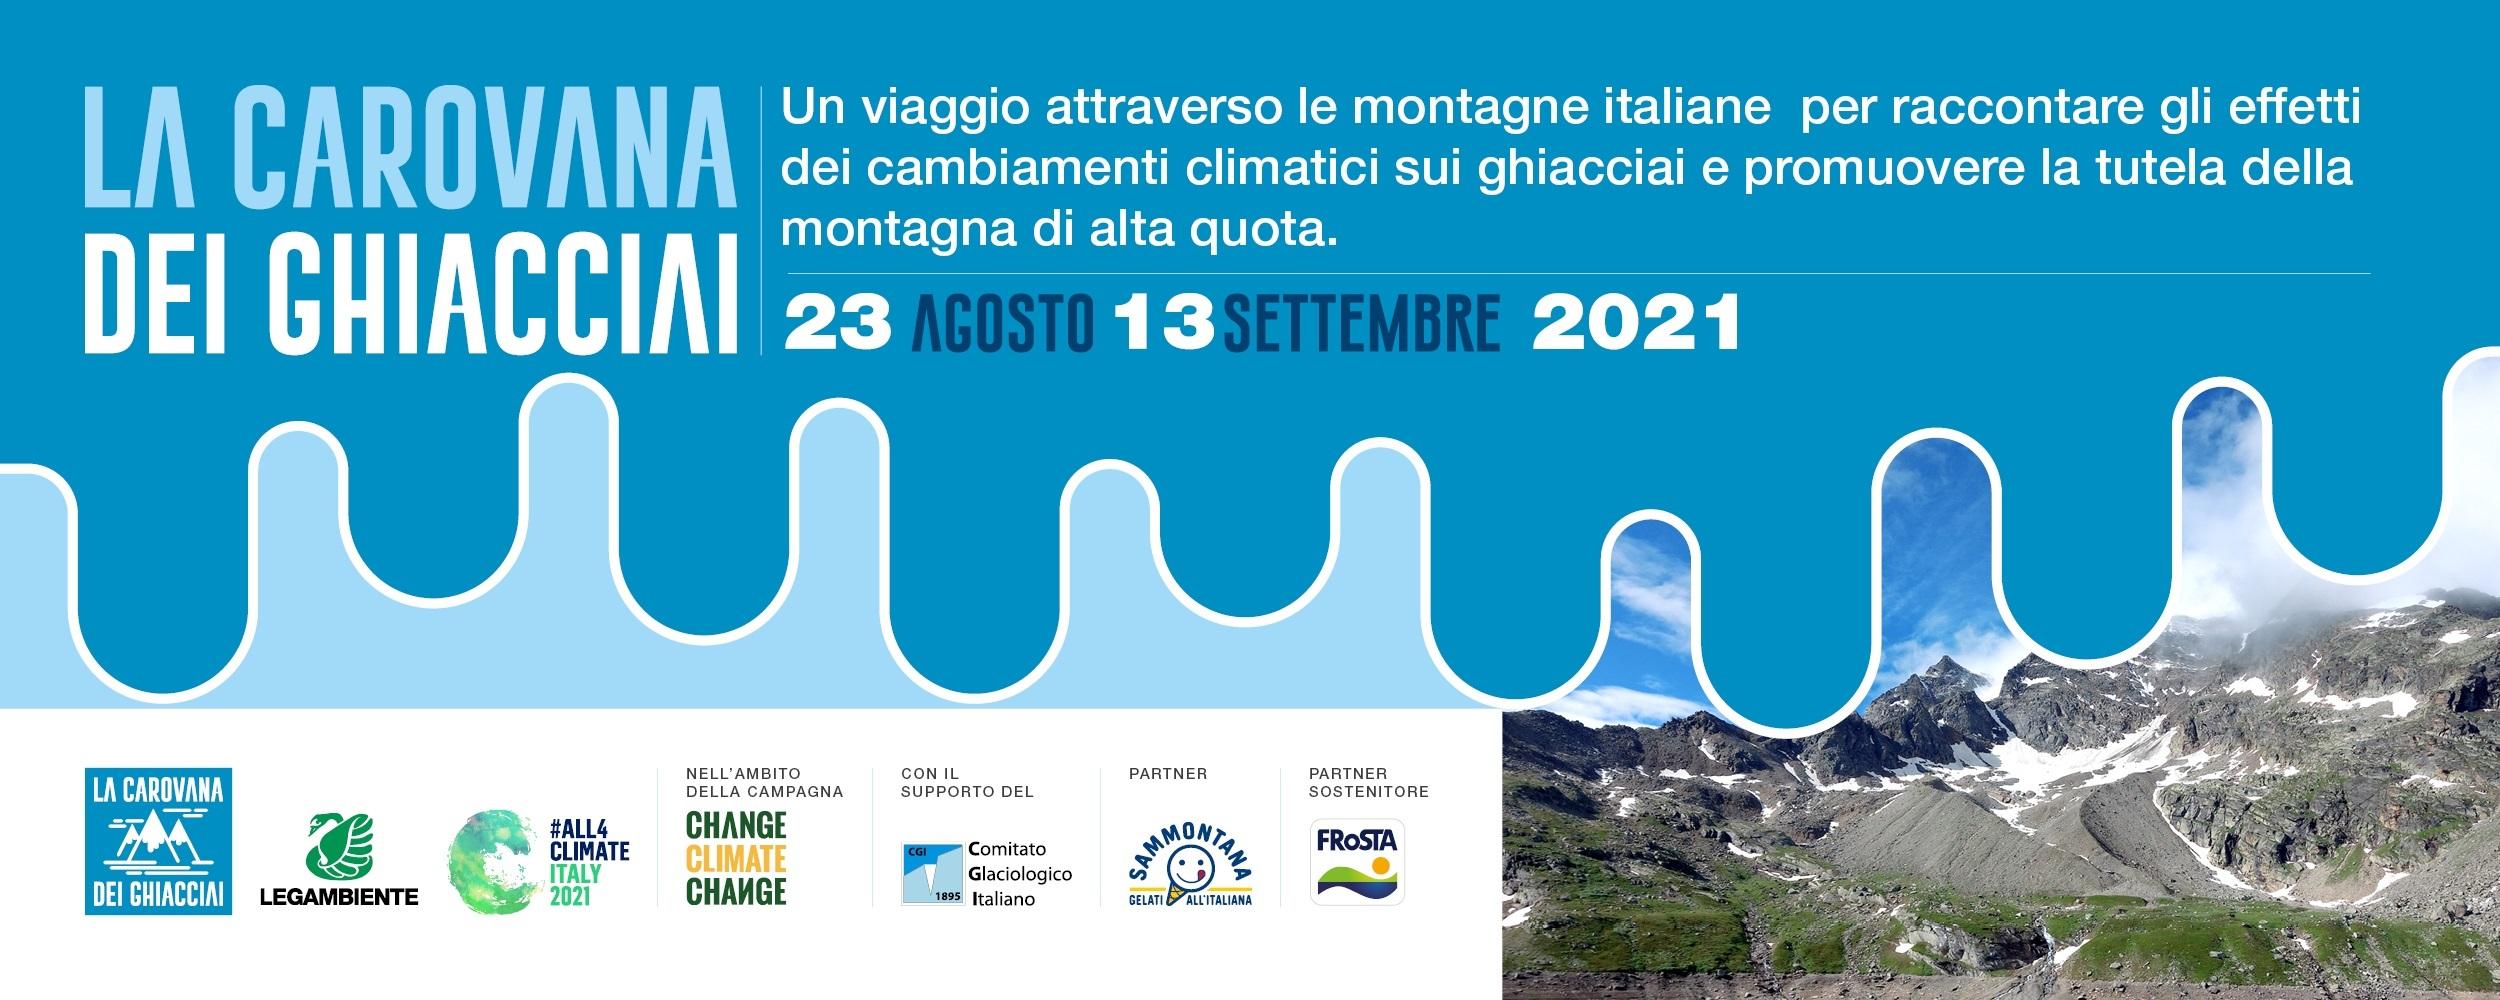 Carovana dei ghiacciai, per monitorare la salute dei ghiacciai italiani